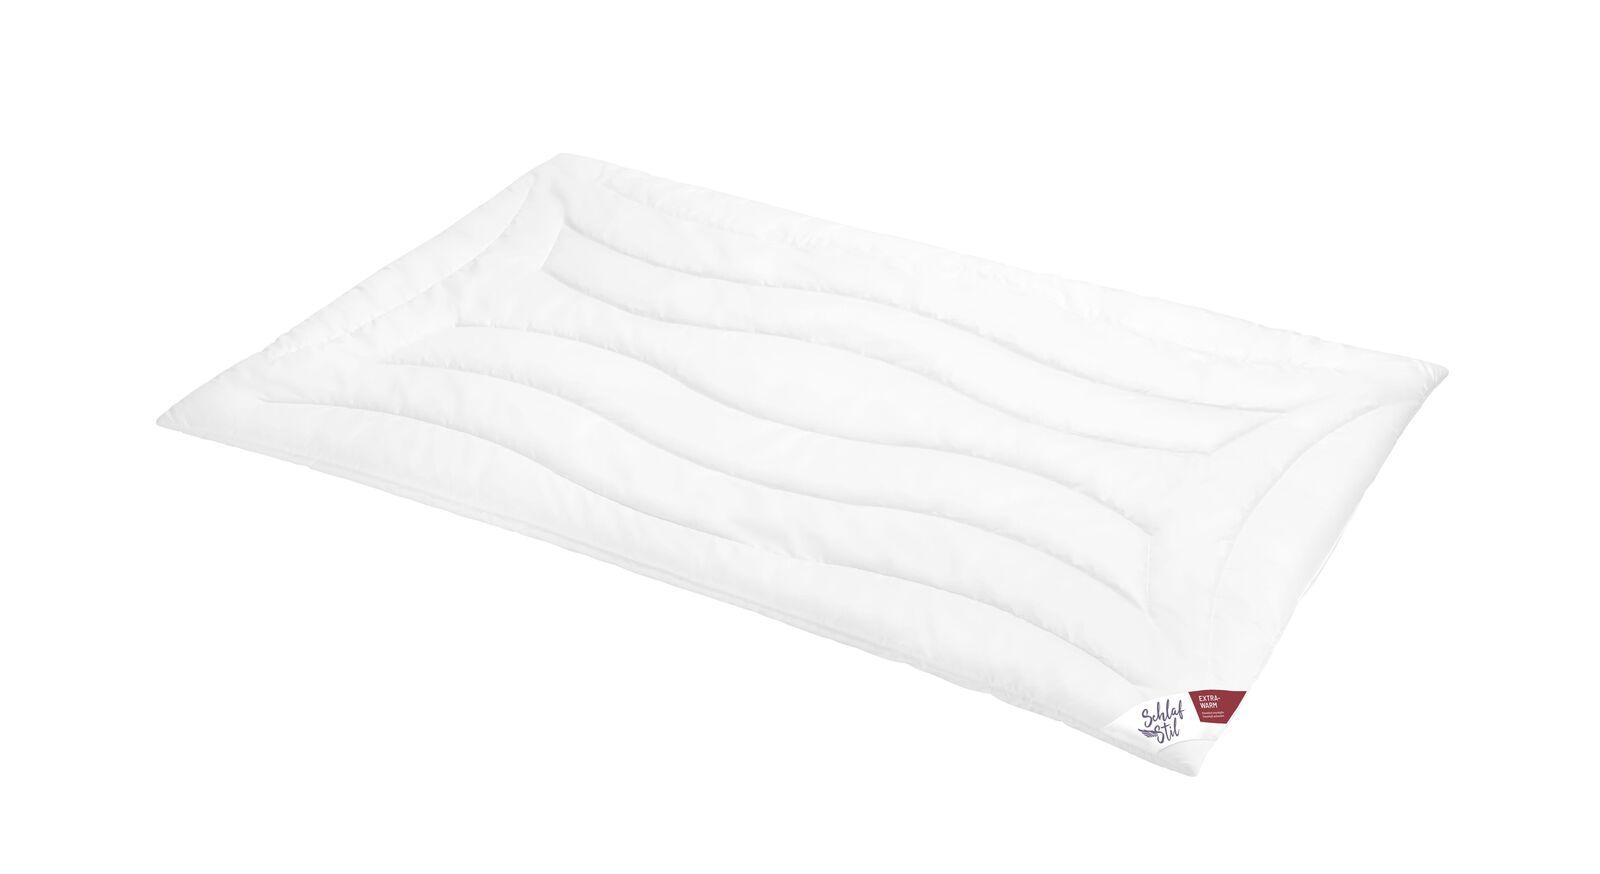 SCHLAFSTIL Markenfaser-Bettdecke F300 extra warm gegen Frieren im Winter